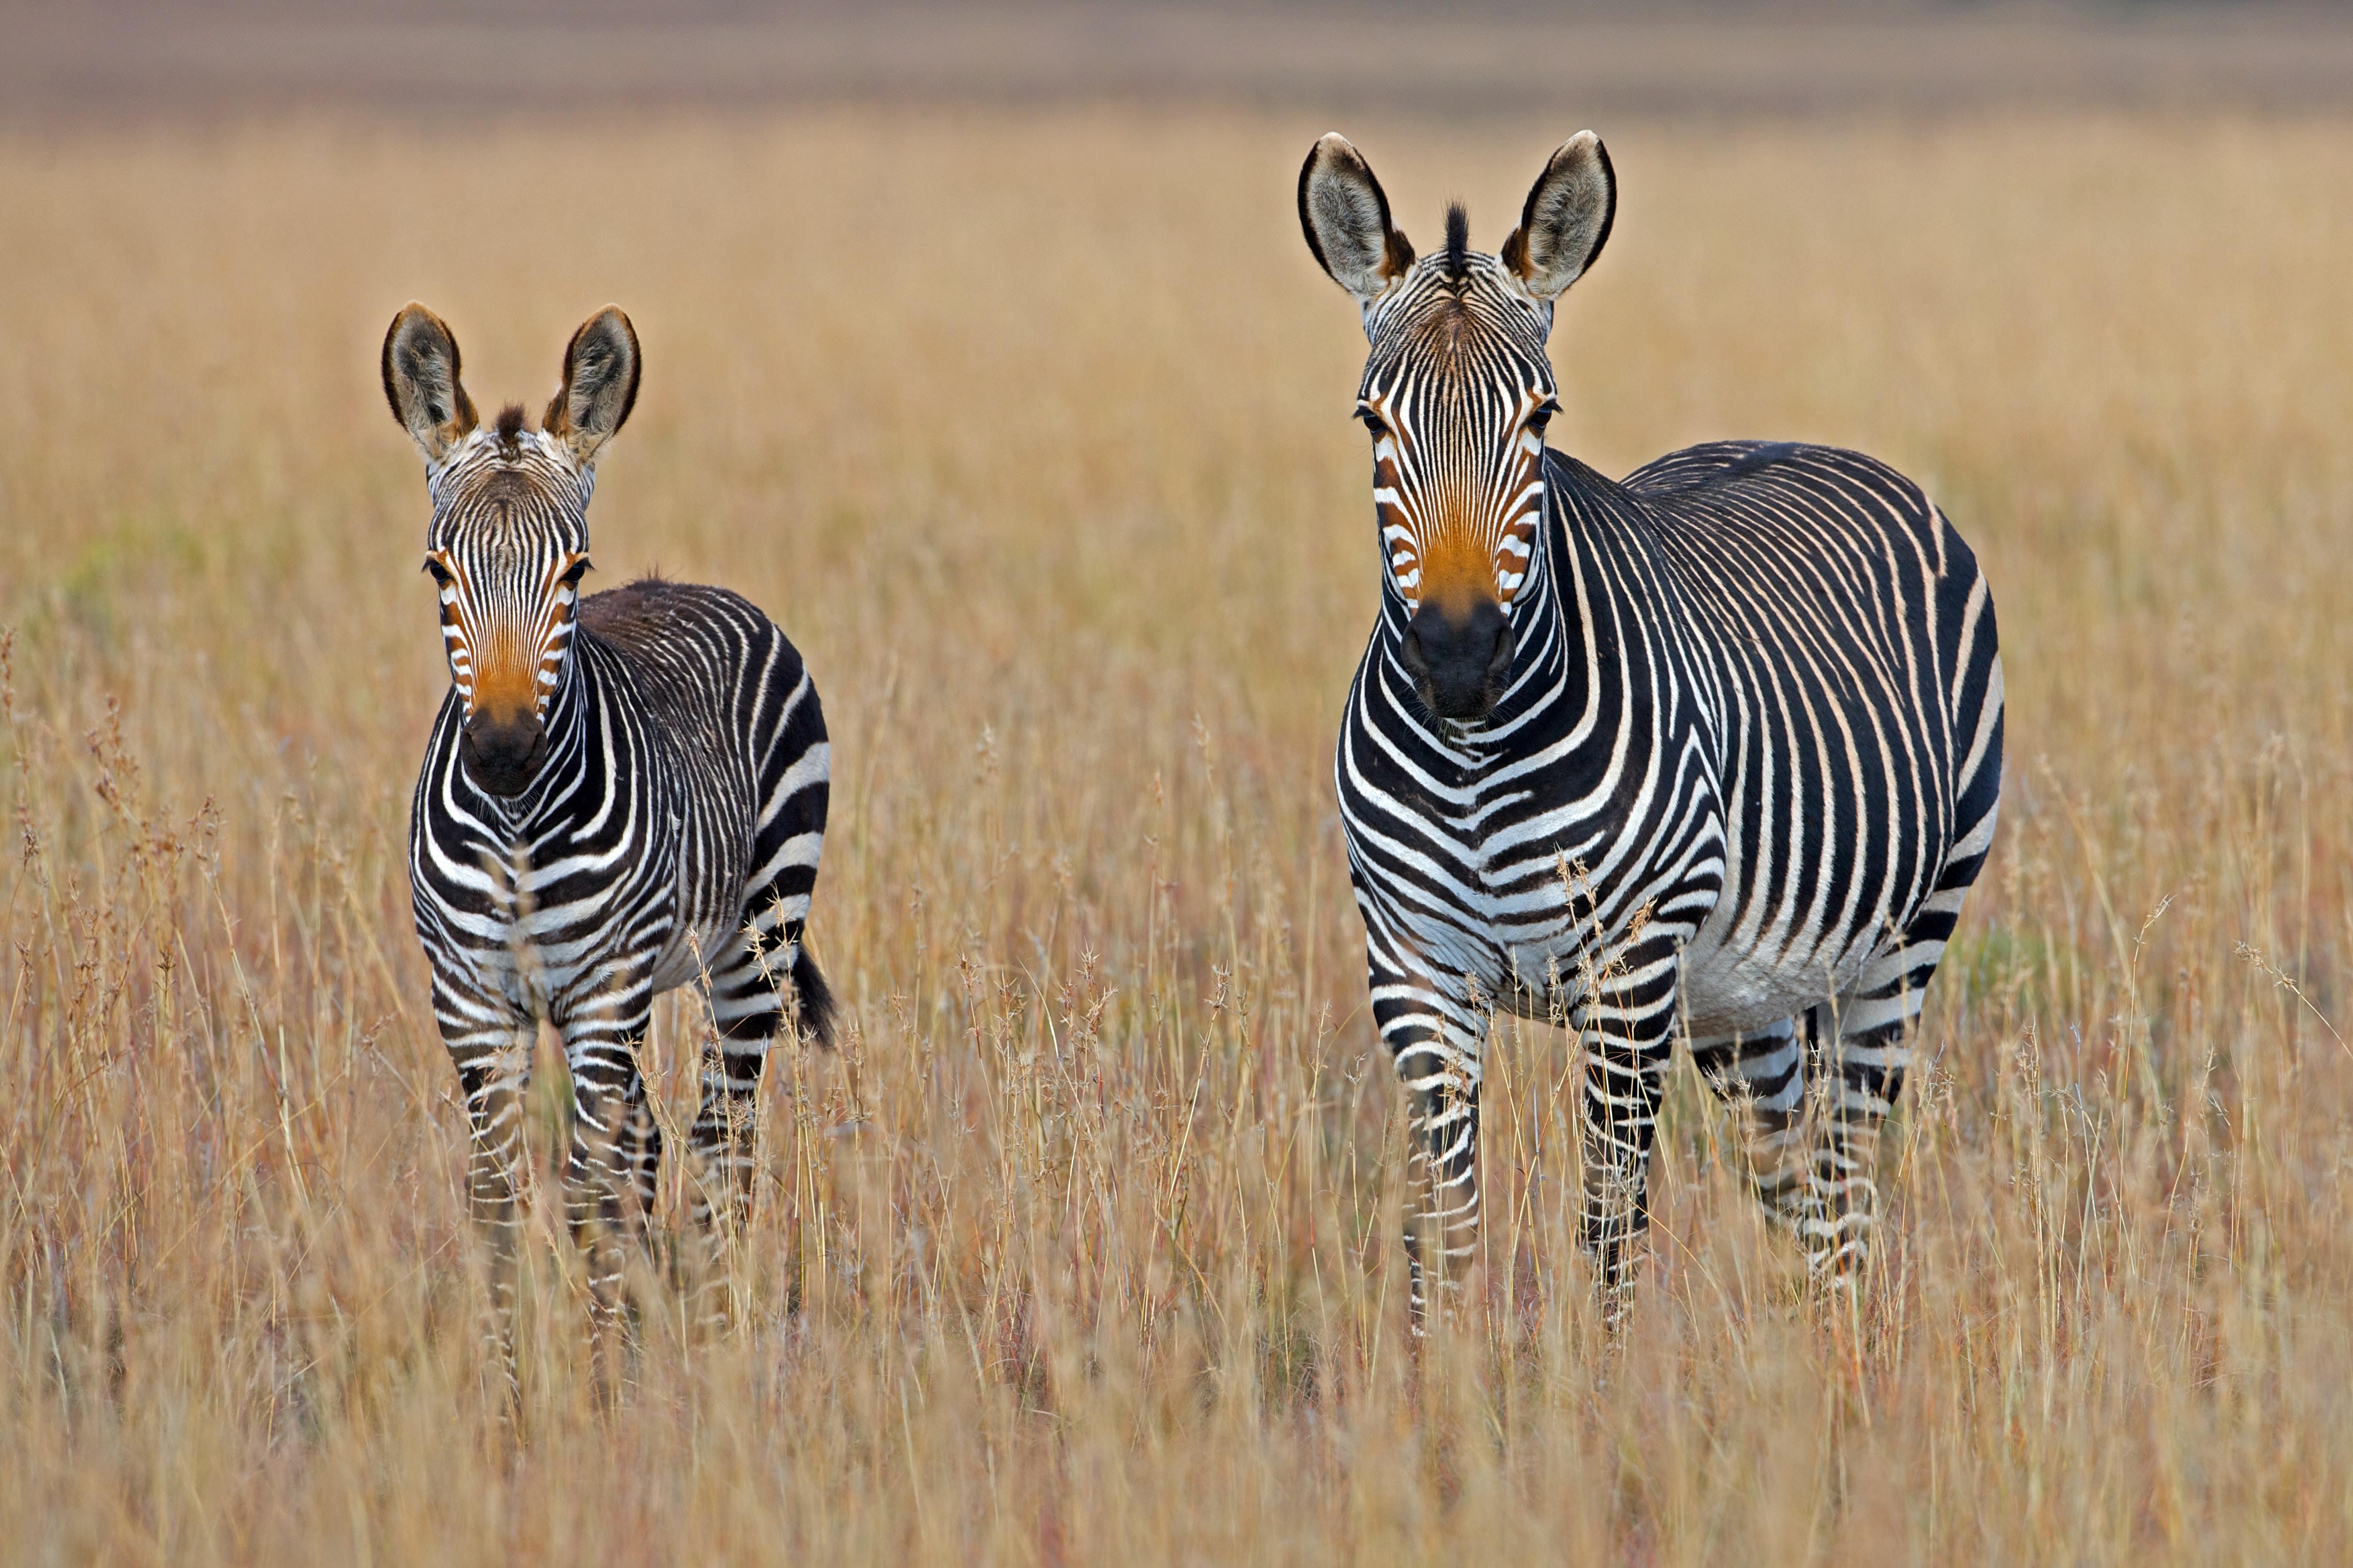 Naturschutz und Tierschutz im Urlaub - Zebras in Suedafrika